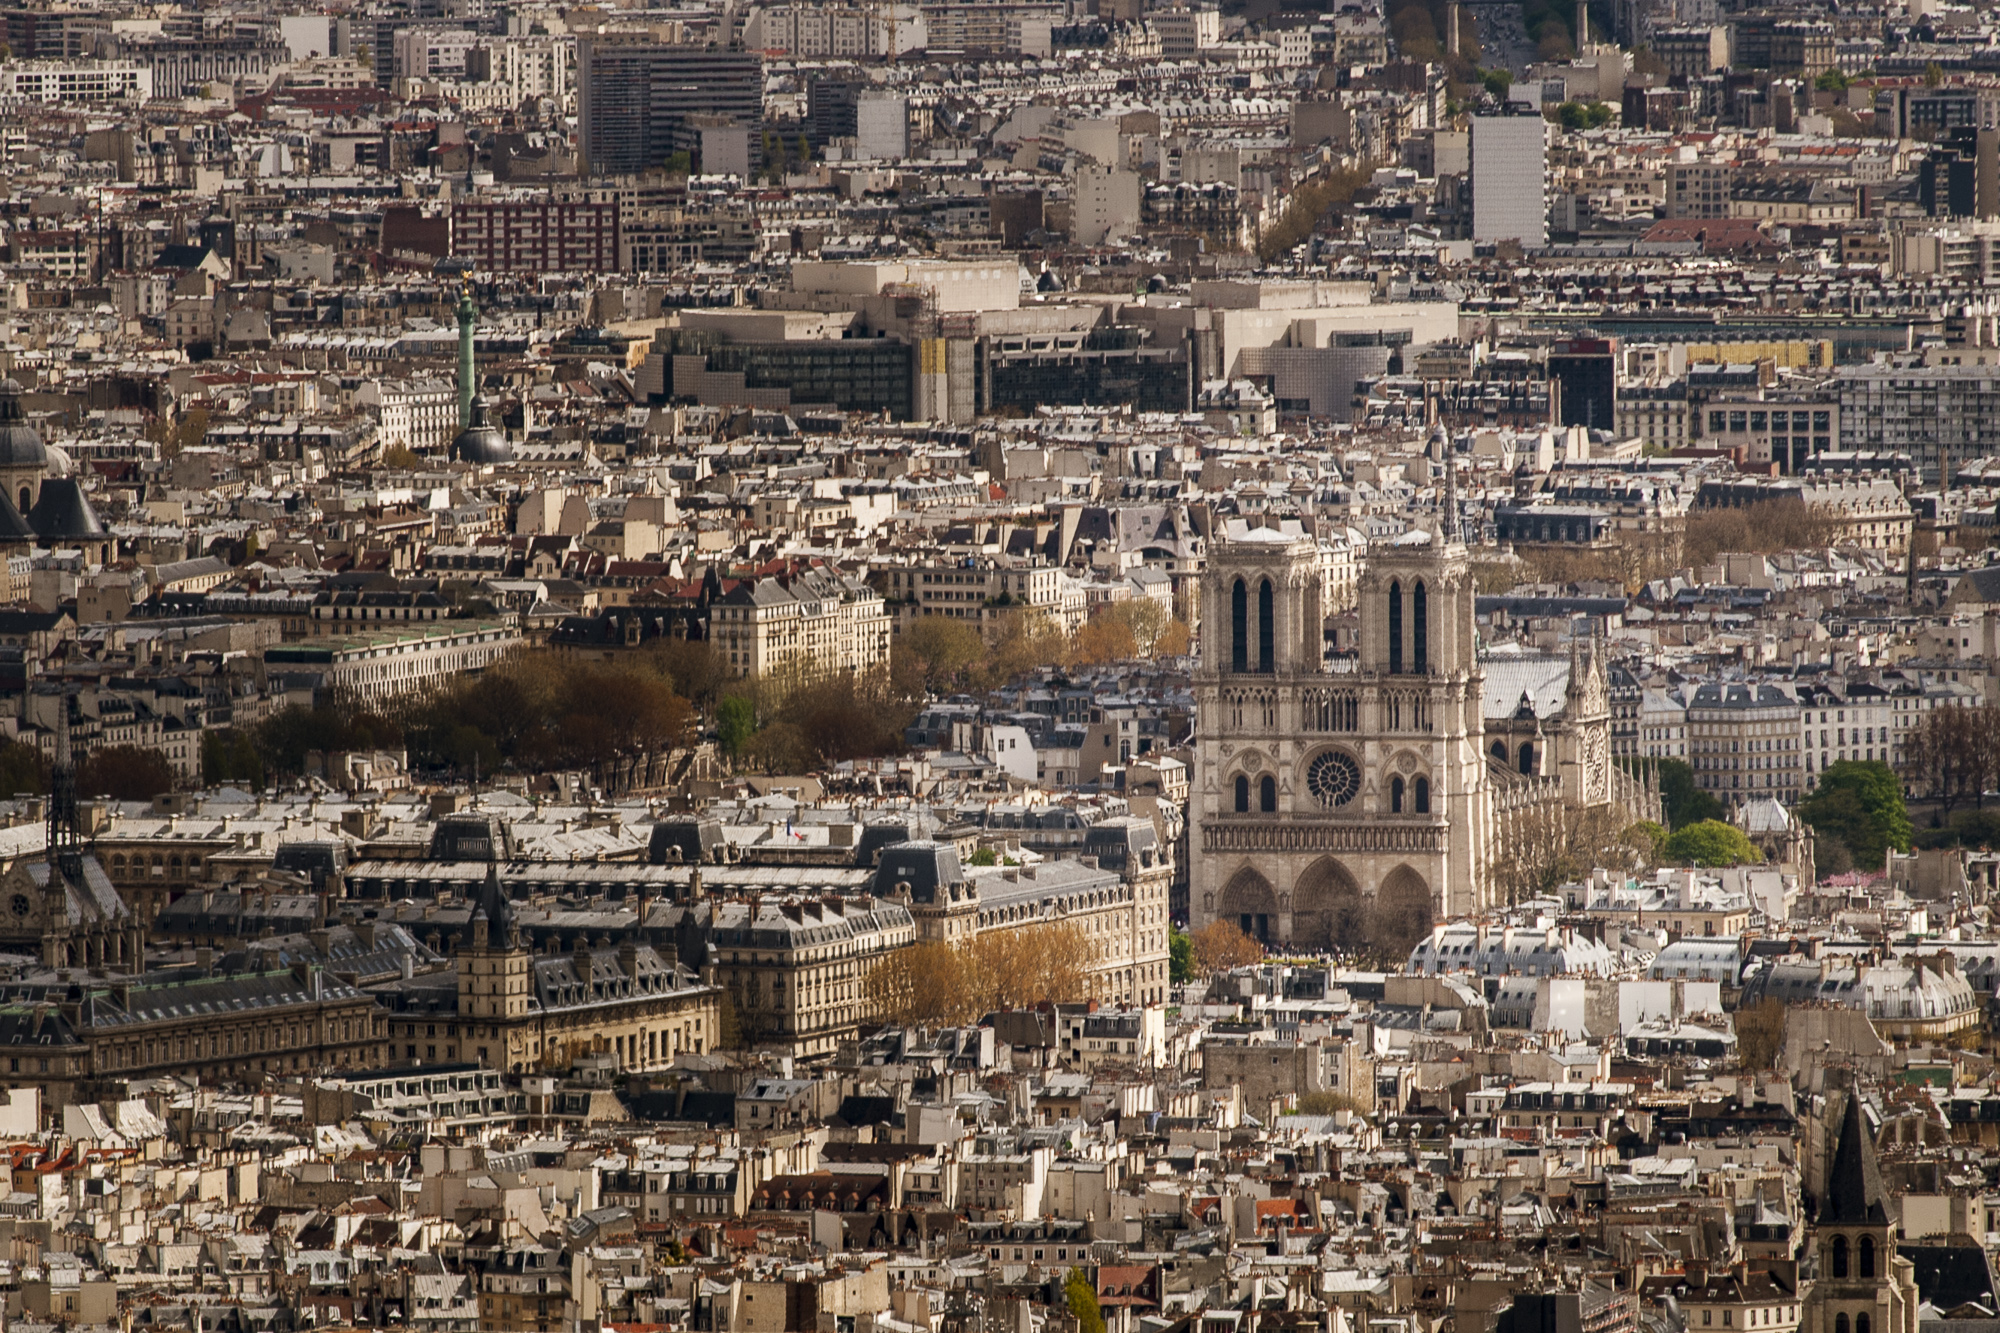 Eiffel Tower  PHOTOGRAPHY : ALEXANDER J.E. BRADLEY •Nikon D200 • AF Zoom-NIKKOR 80-200mm f/2.8D ED • 200mM • F/9 • 1/320 •ISO 100